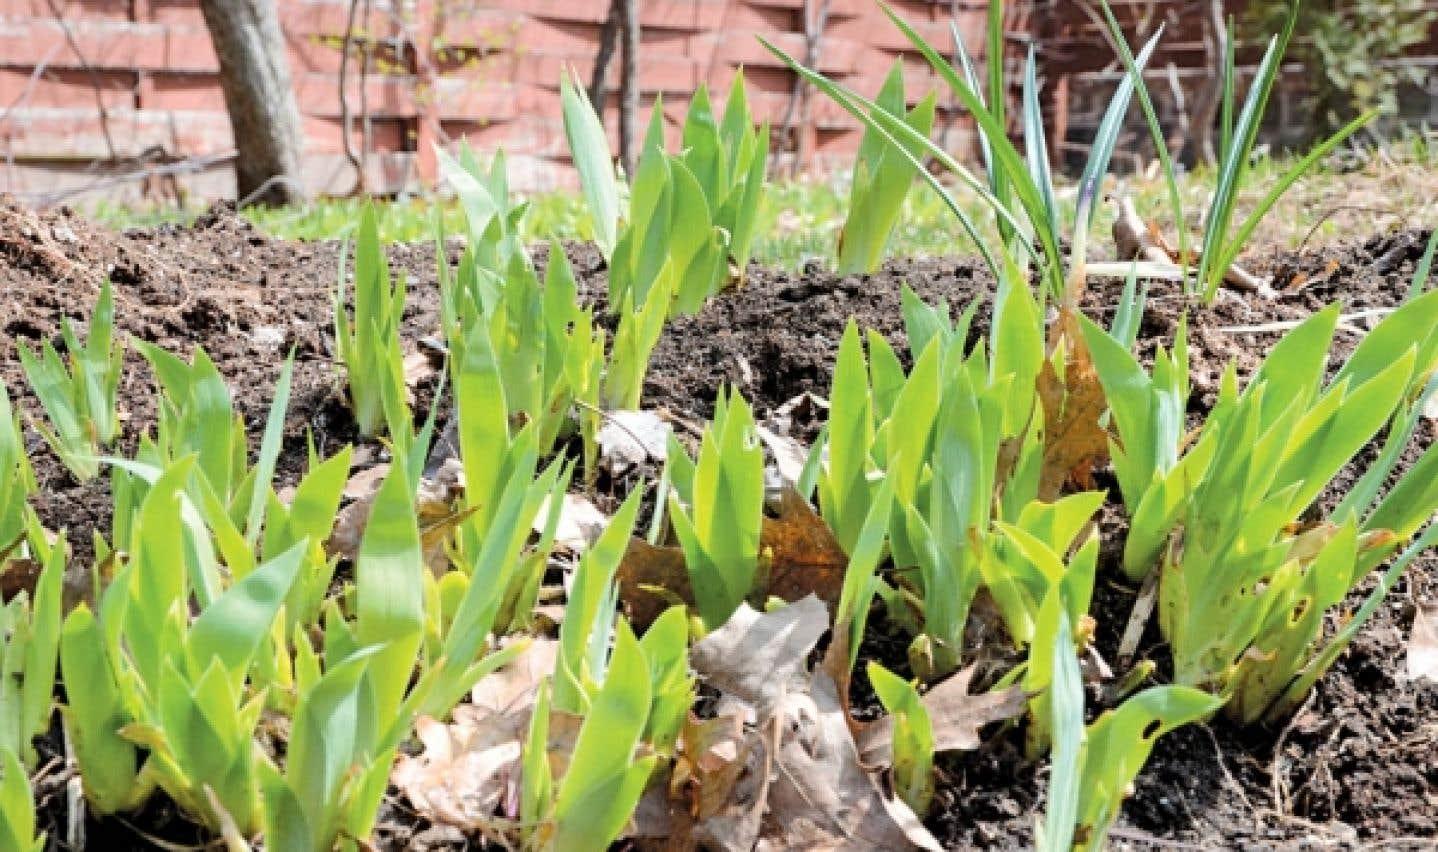 Le printemps est là! Les rayons du soleil et les températures clémentes qui chatouillent les jeunes pousses suffisent pour que les apprentis jardiniers ressortent leur matériel du garage.